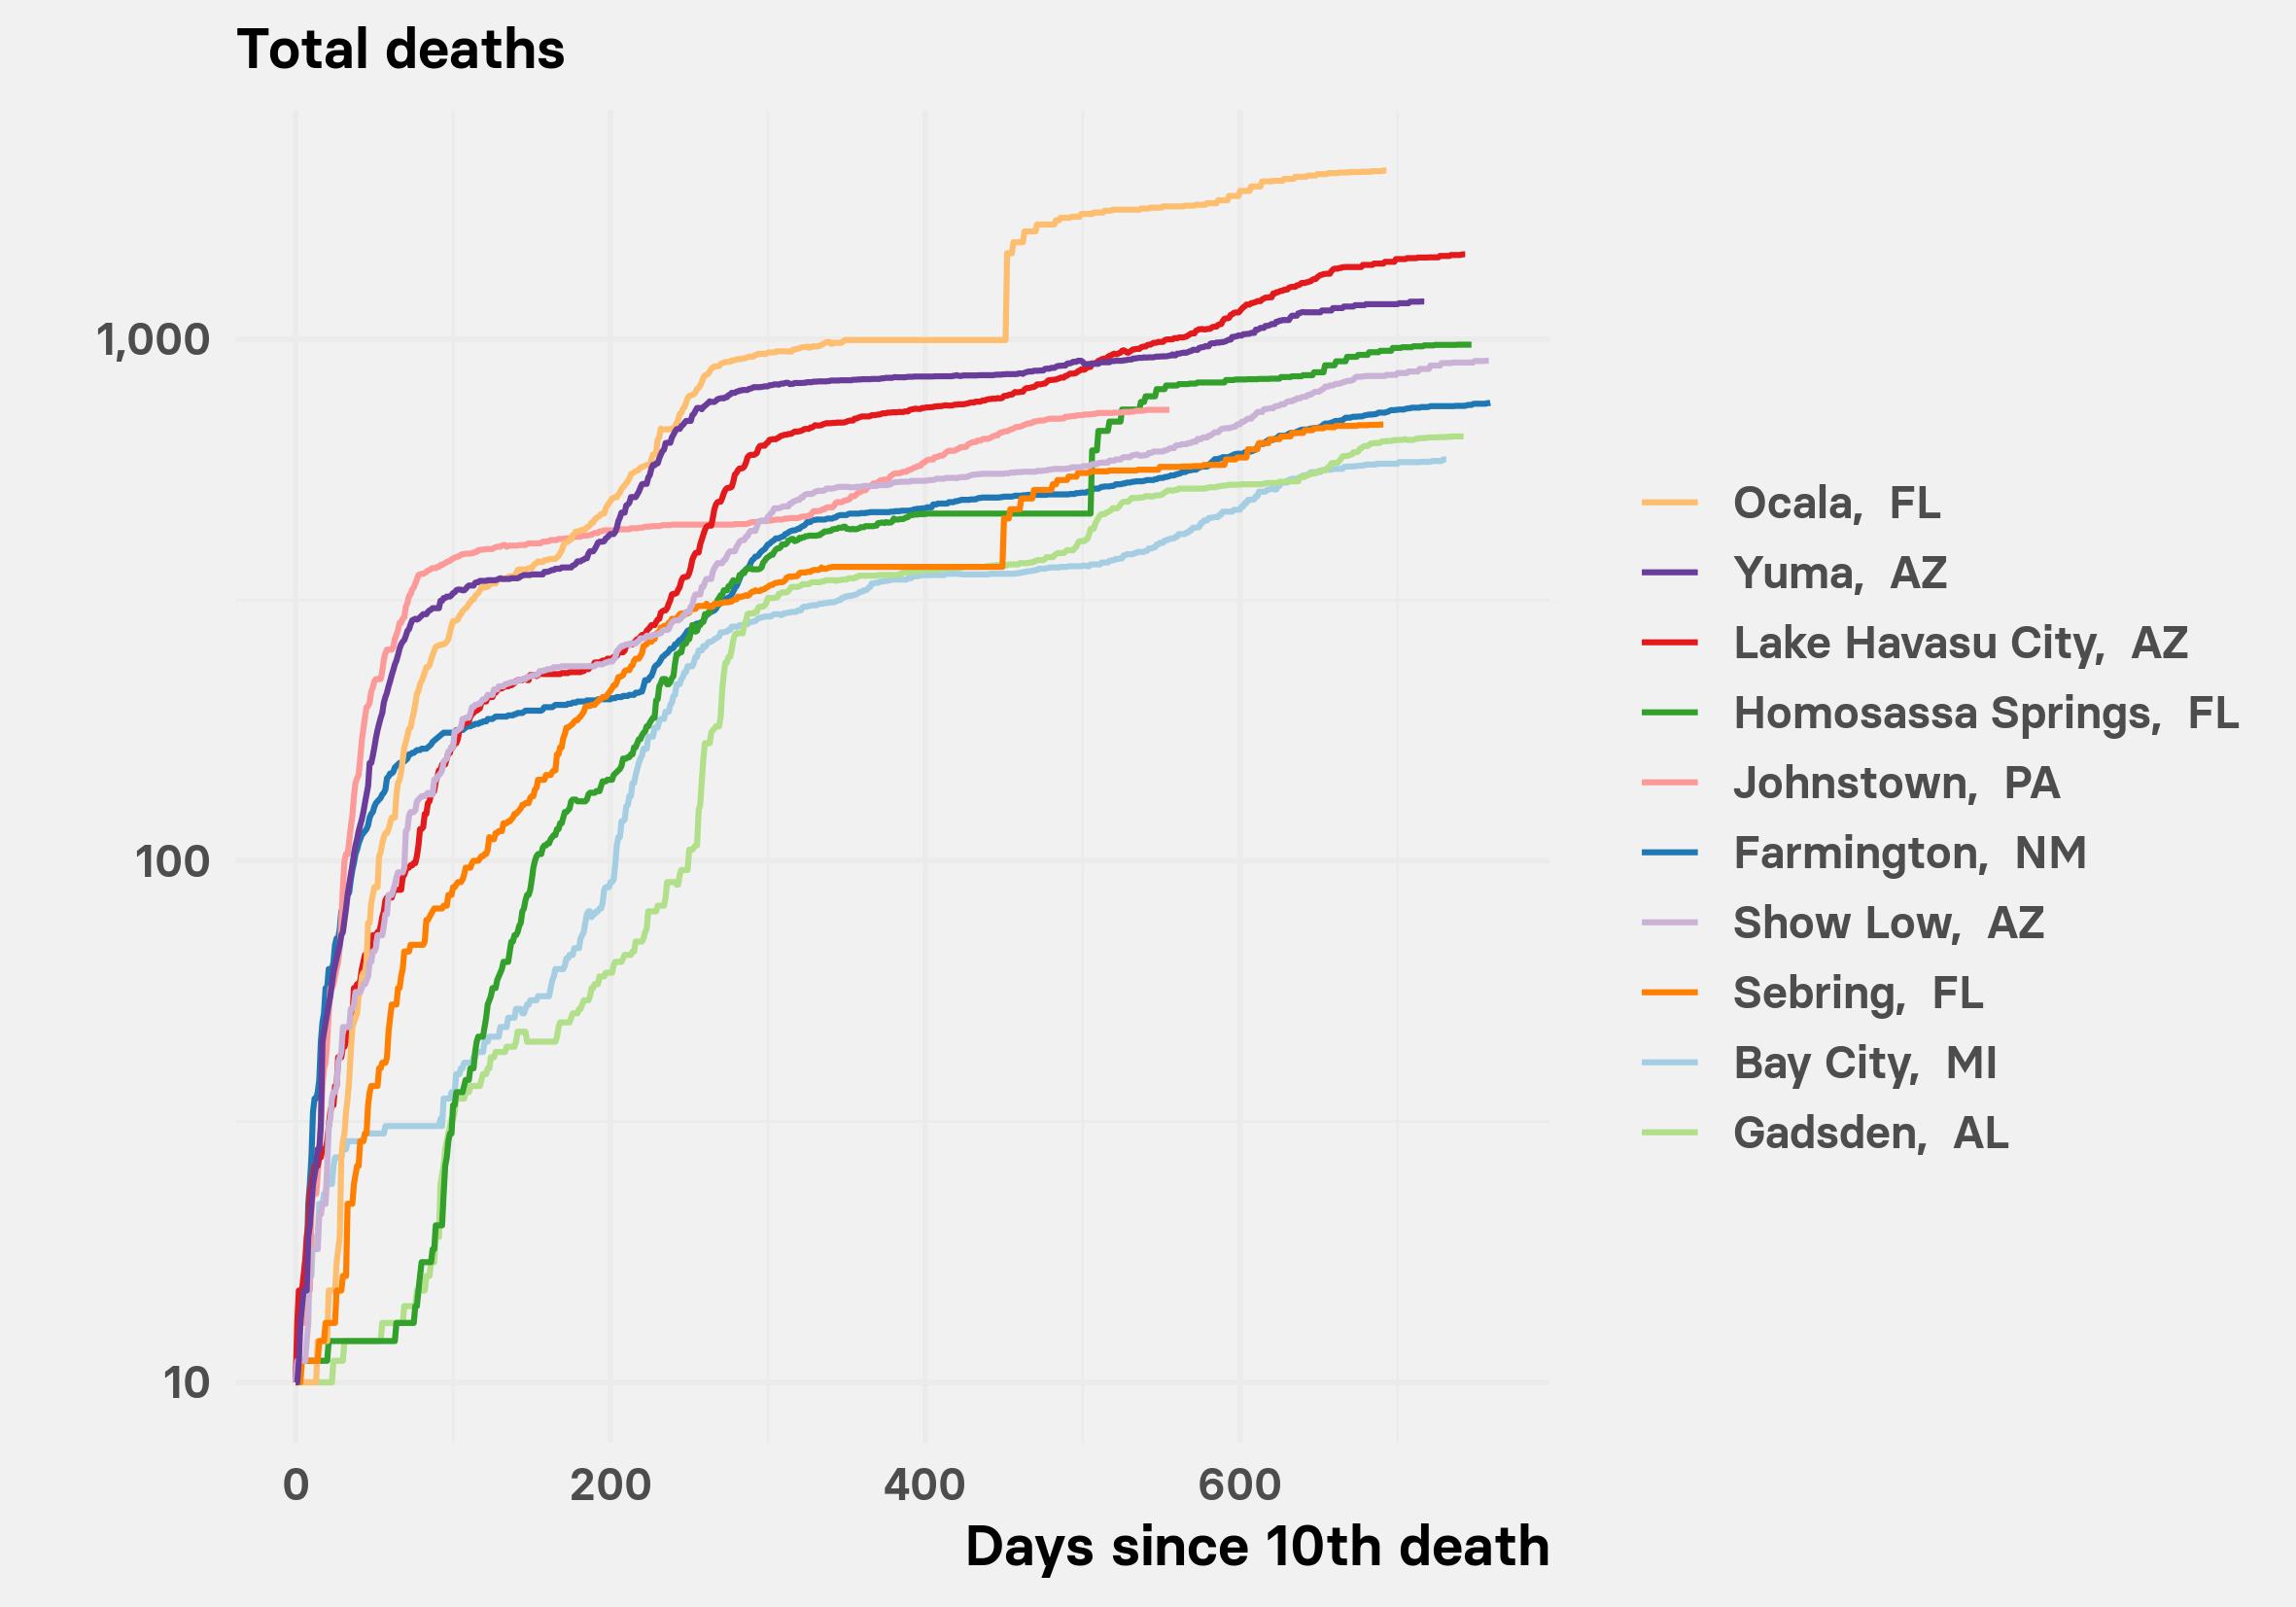 worst cities trajectories